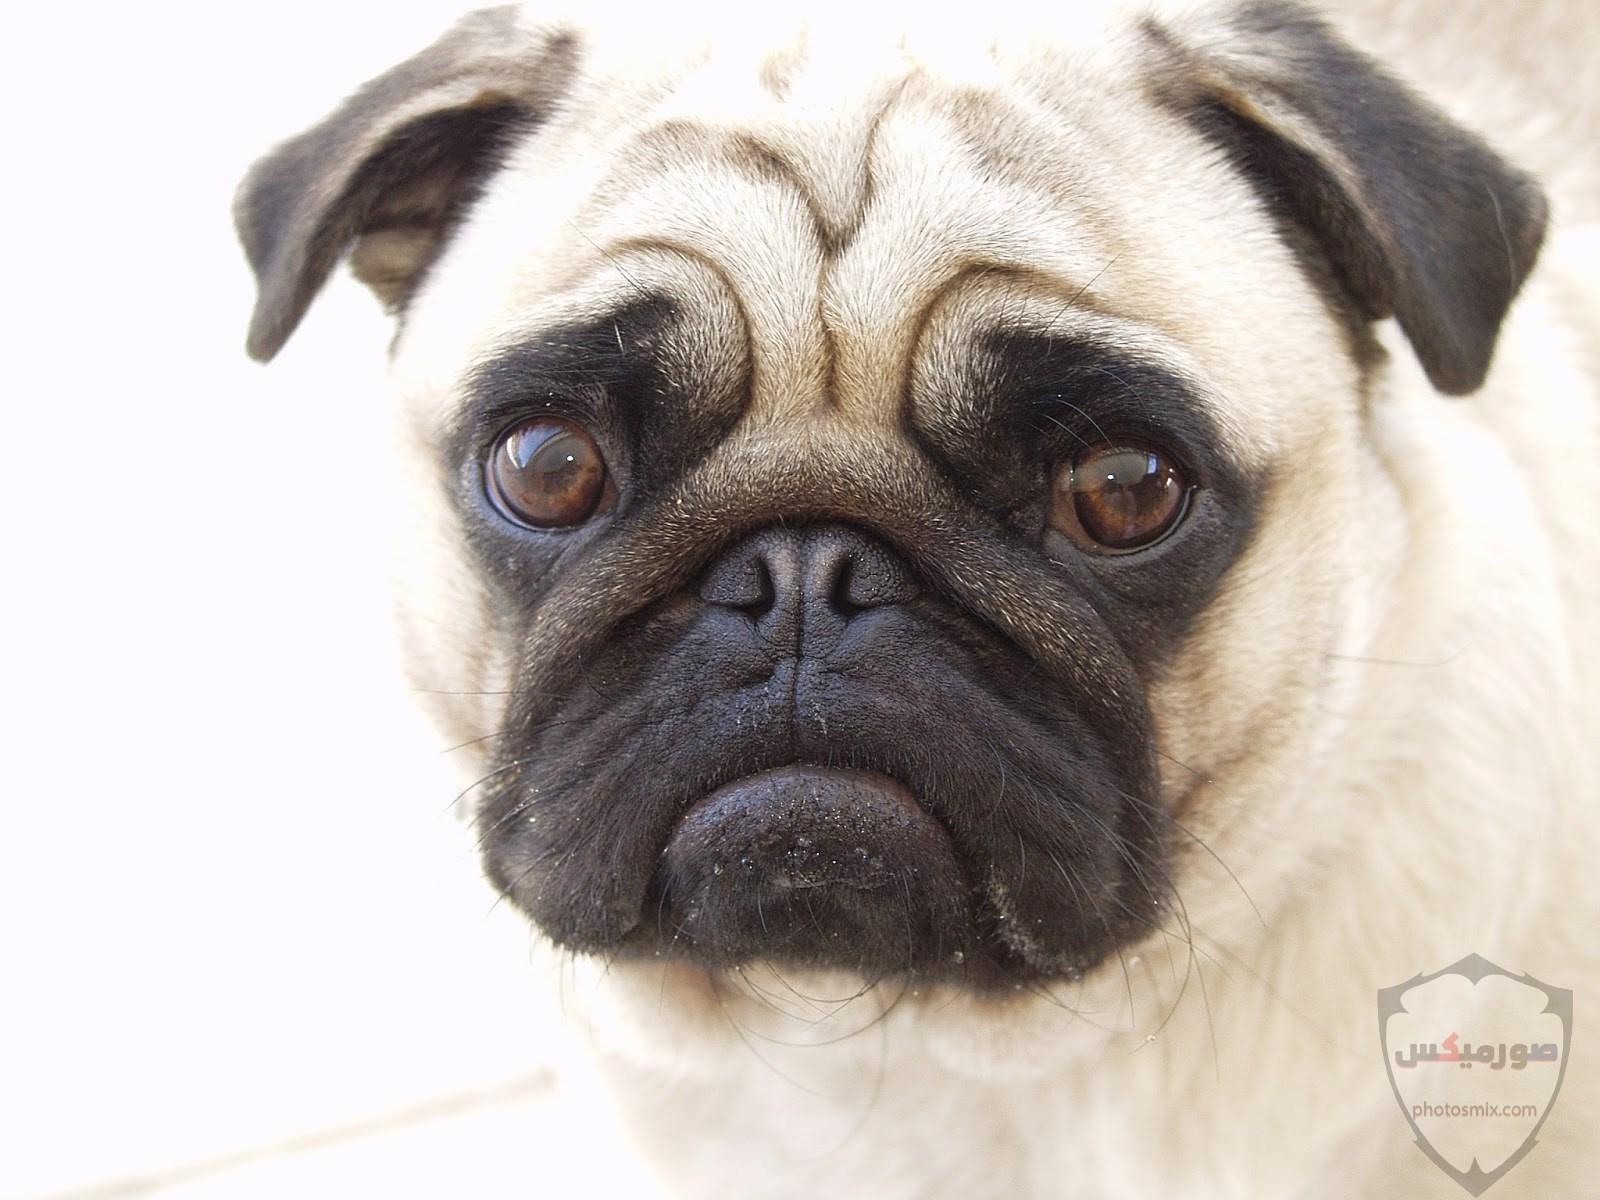 صور رمزيات خلفيات كلاب كيوت صورة كلب كيوت جدا 10